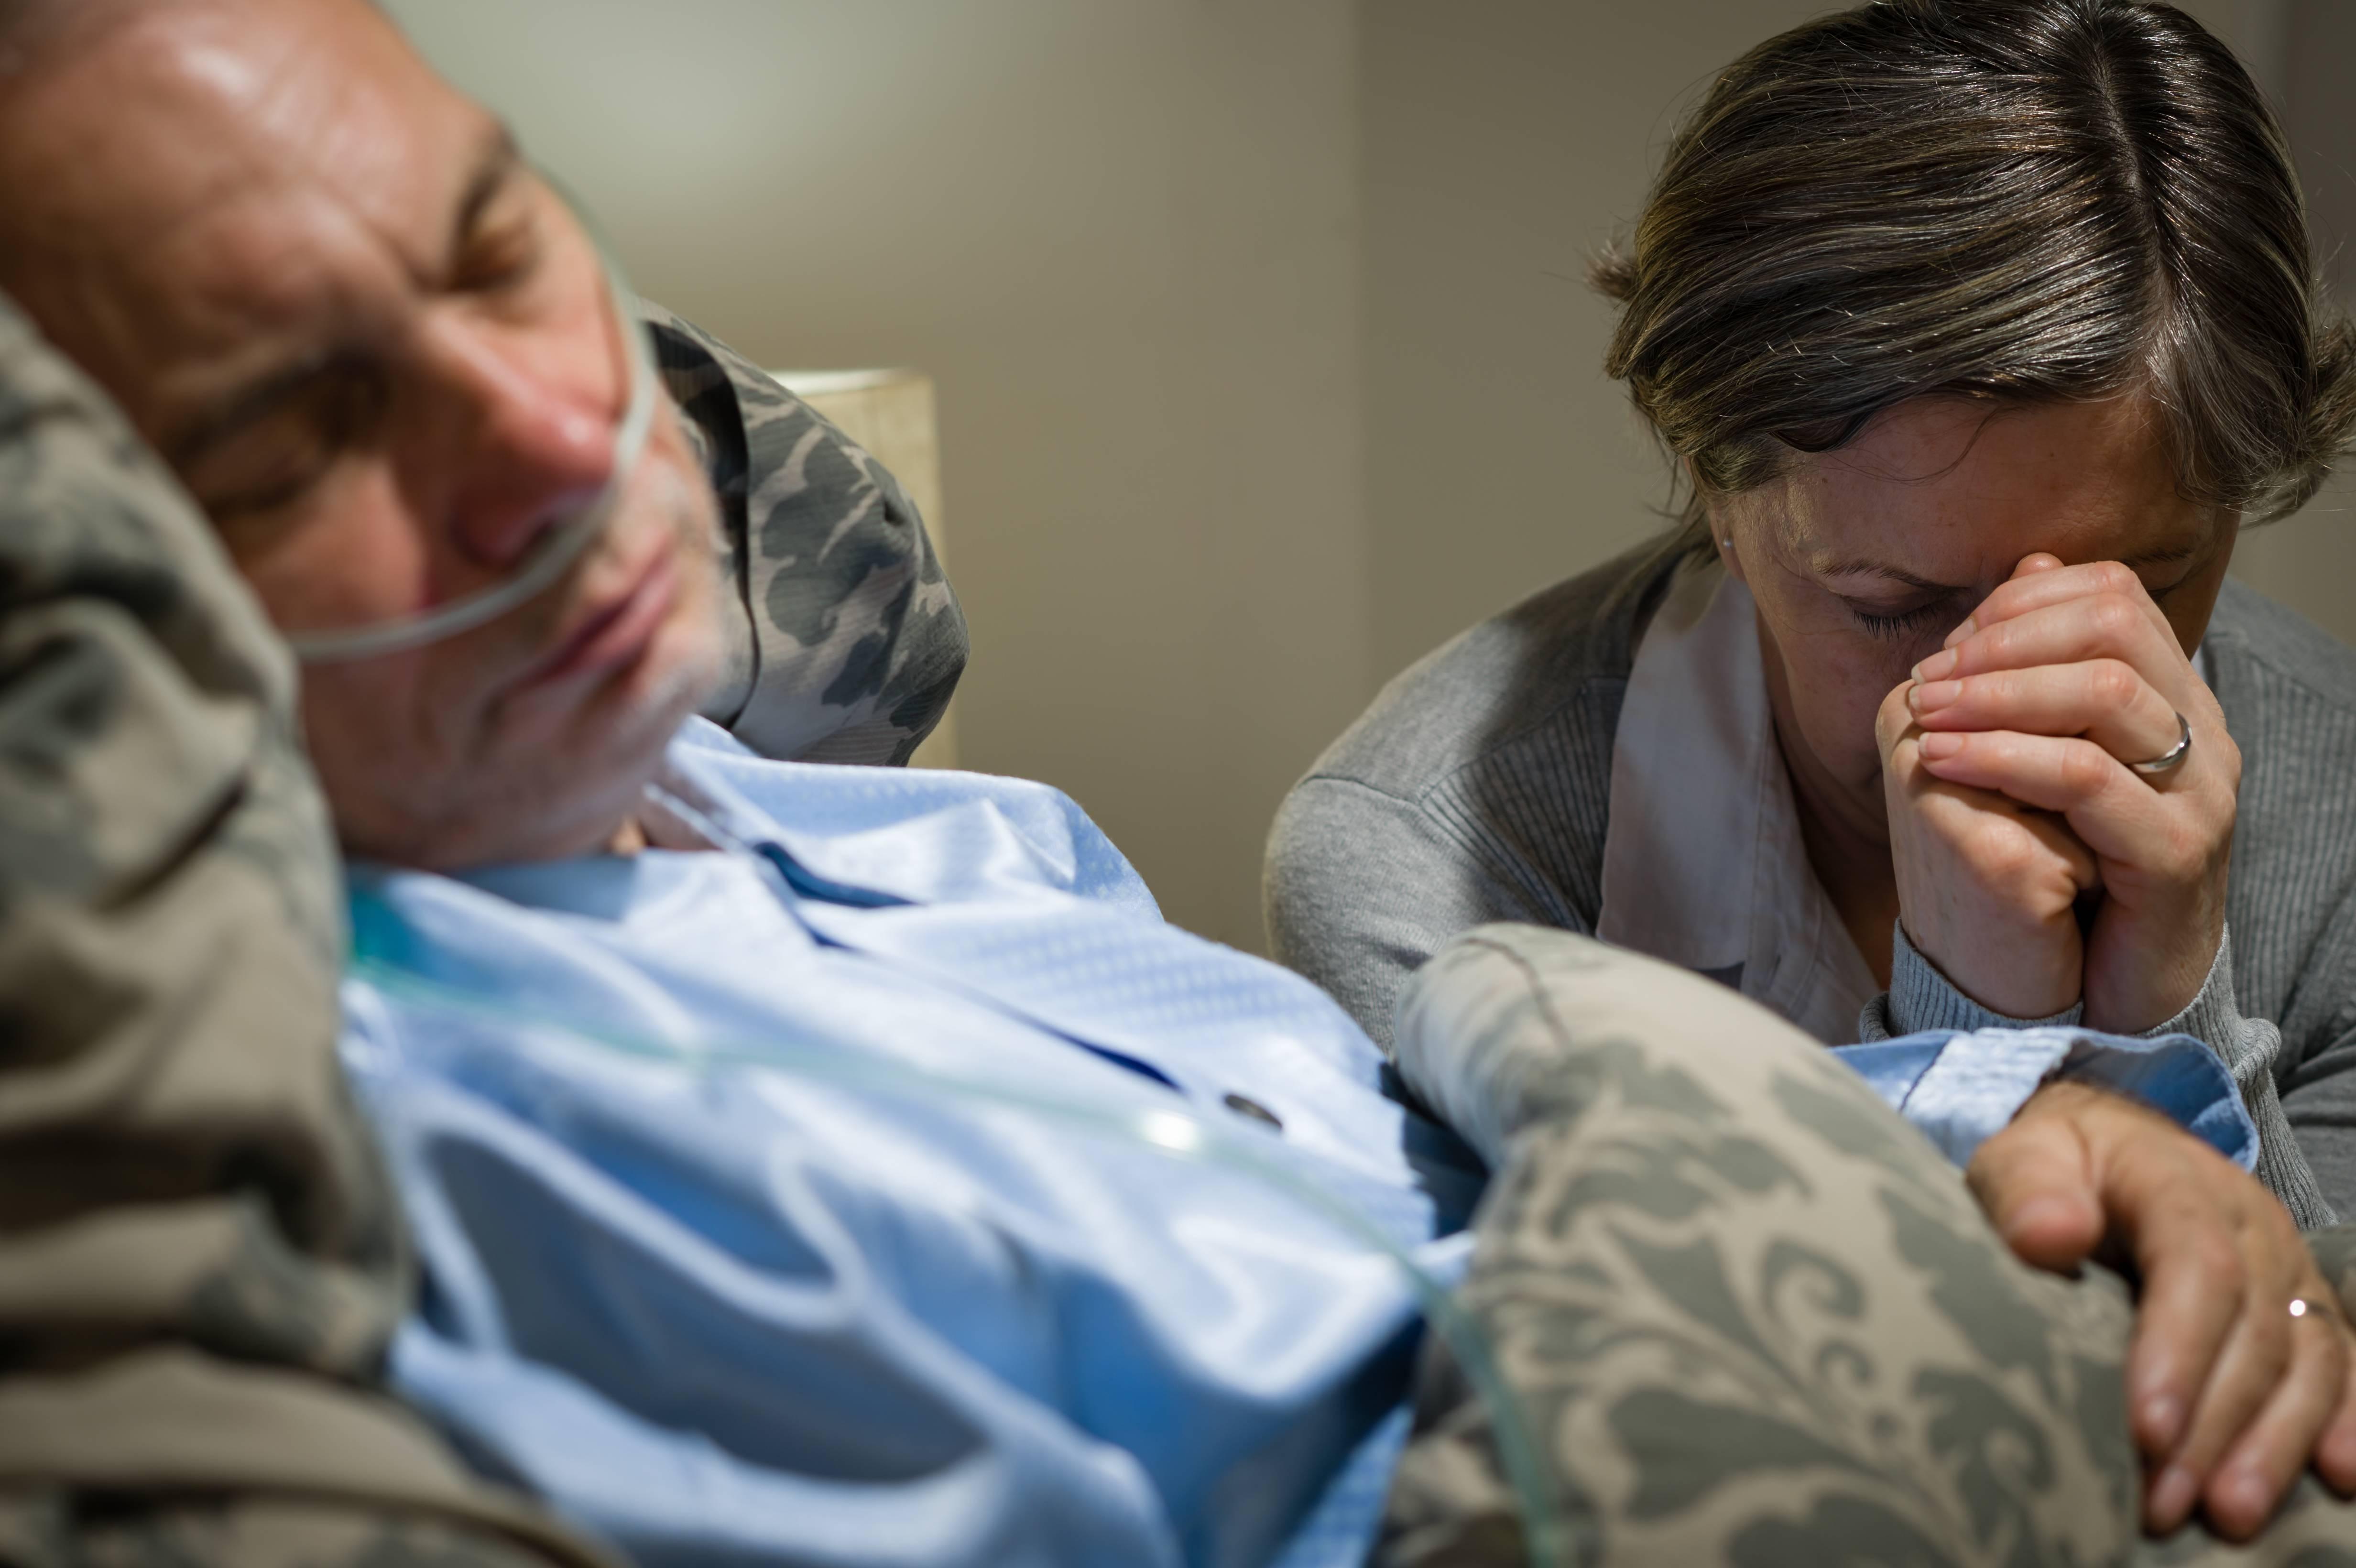 Канцерофобия: боязнь заболеть раком